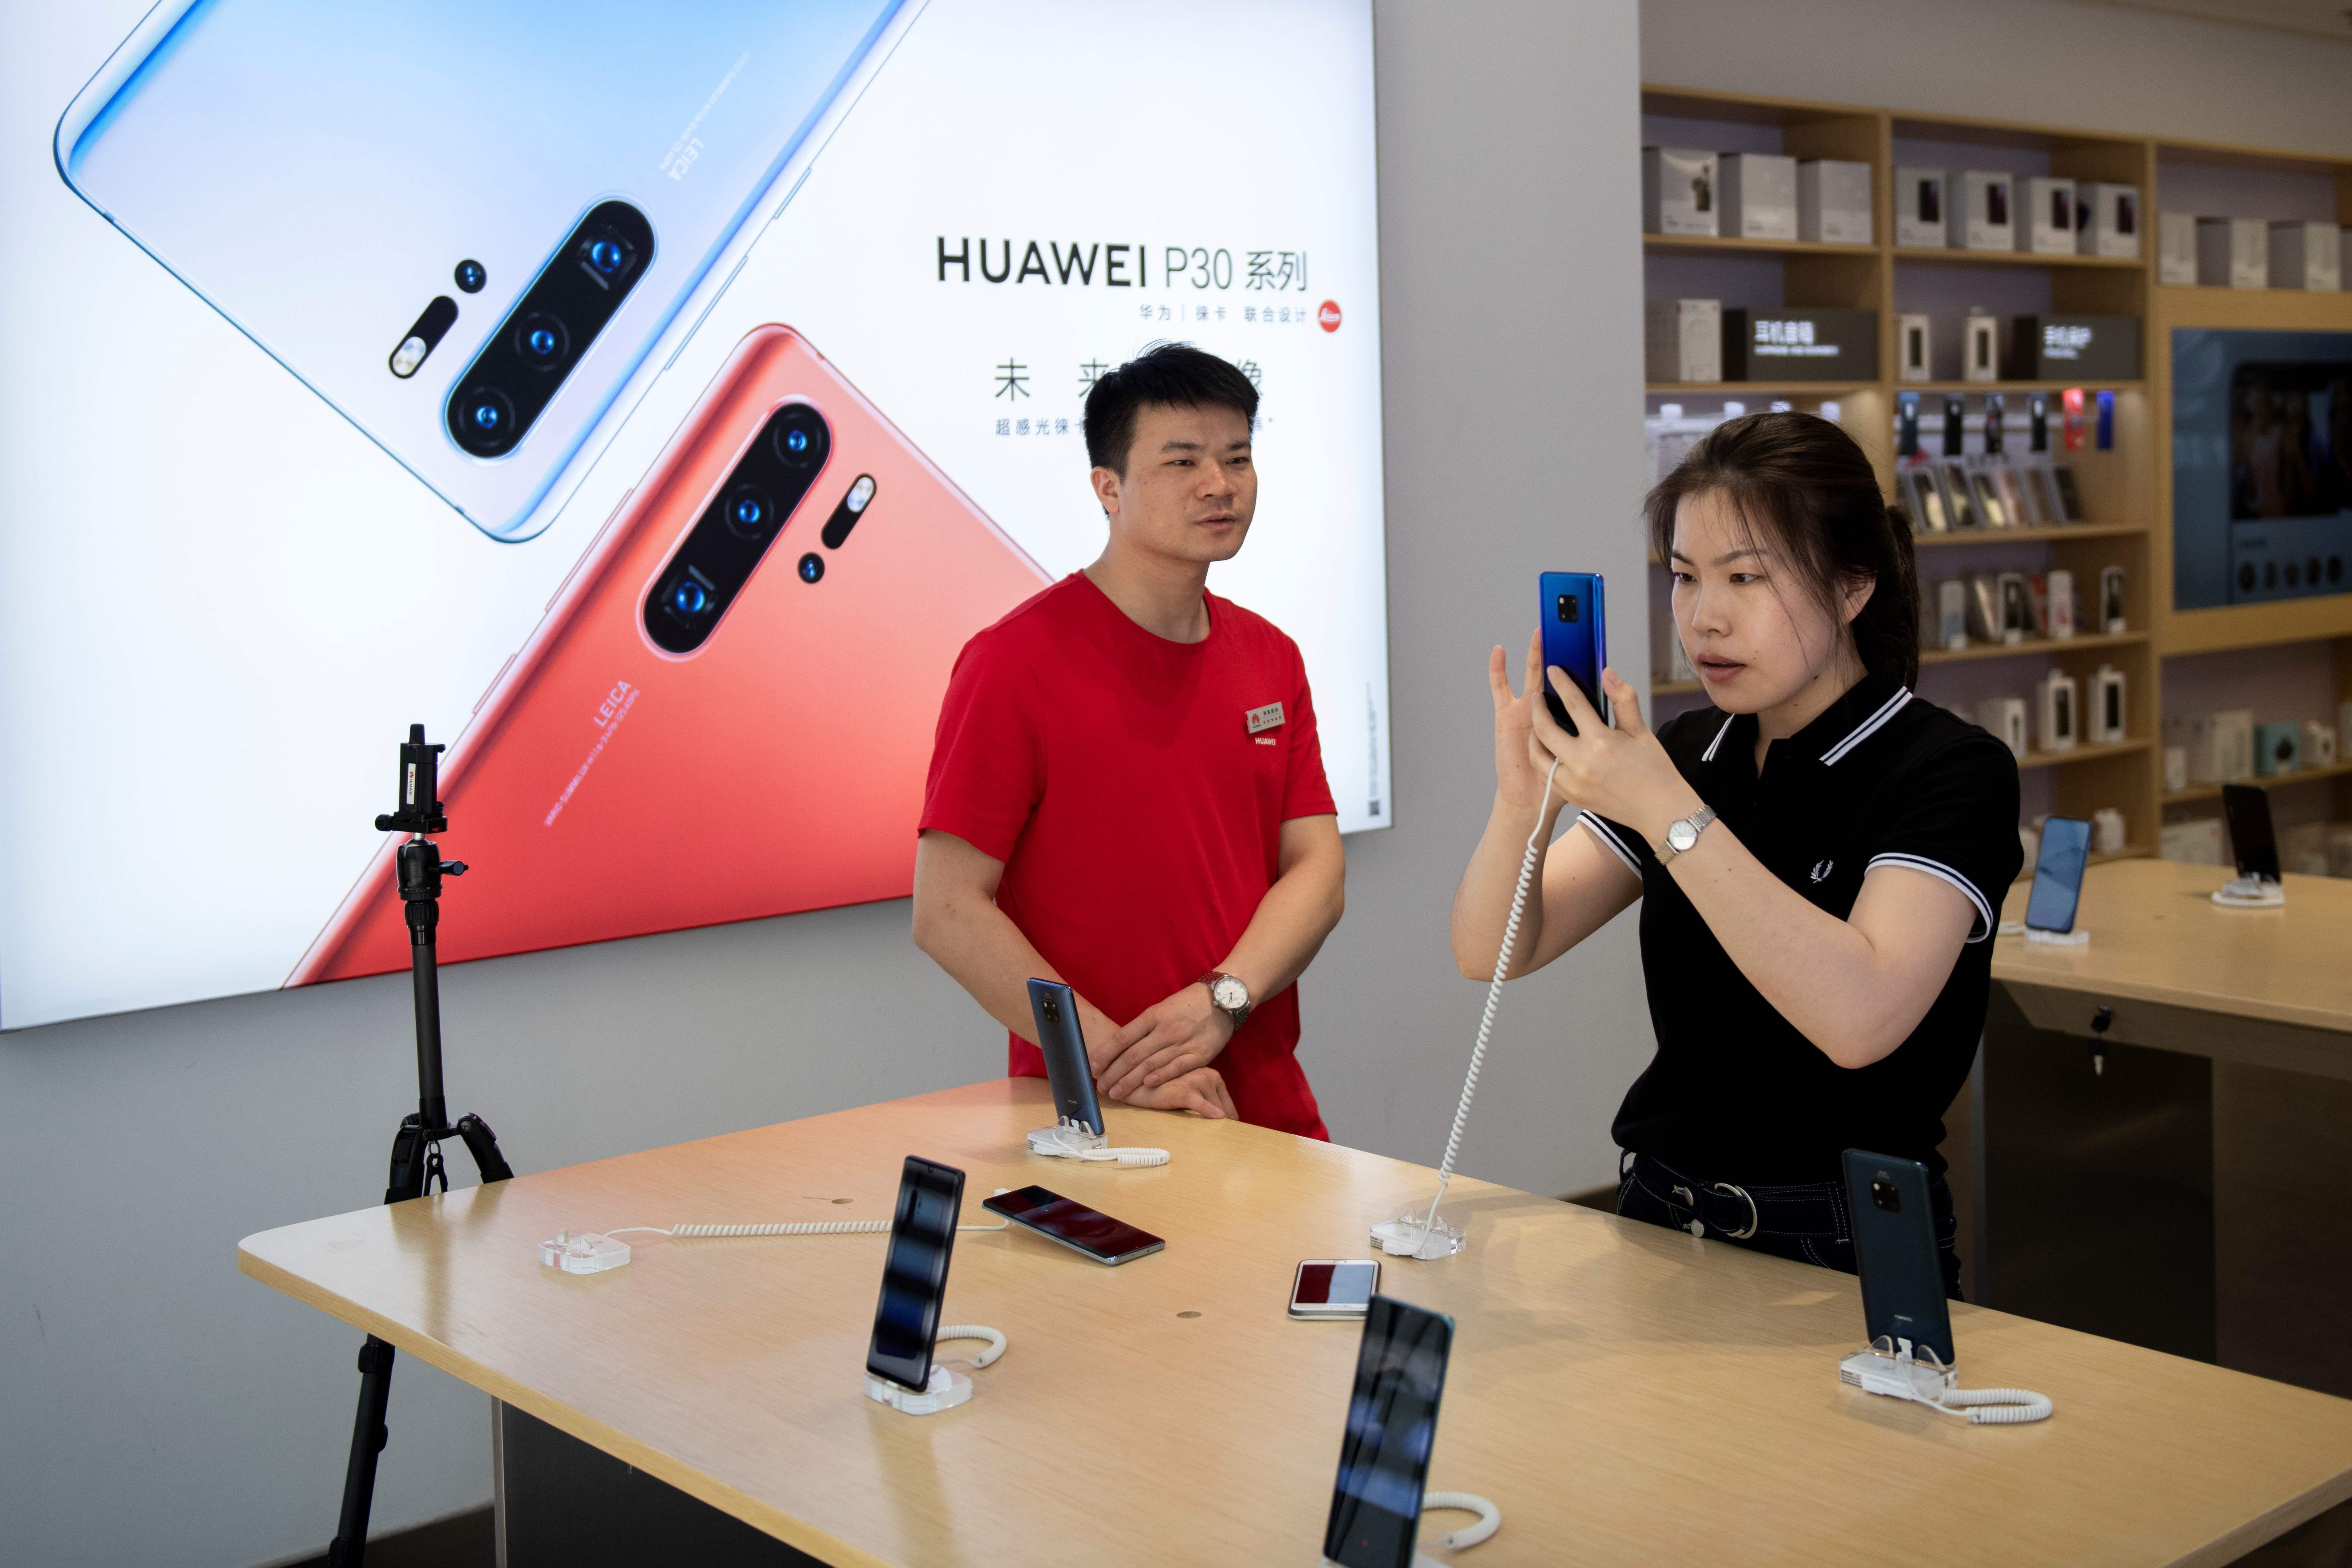 分析師表示,華為真正的重大問題還在後頭。圖為在北京的一家華為門市店。(NICOLAS ASFOURI/AFP/Getty Images)